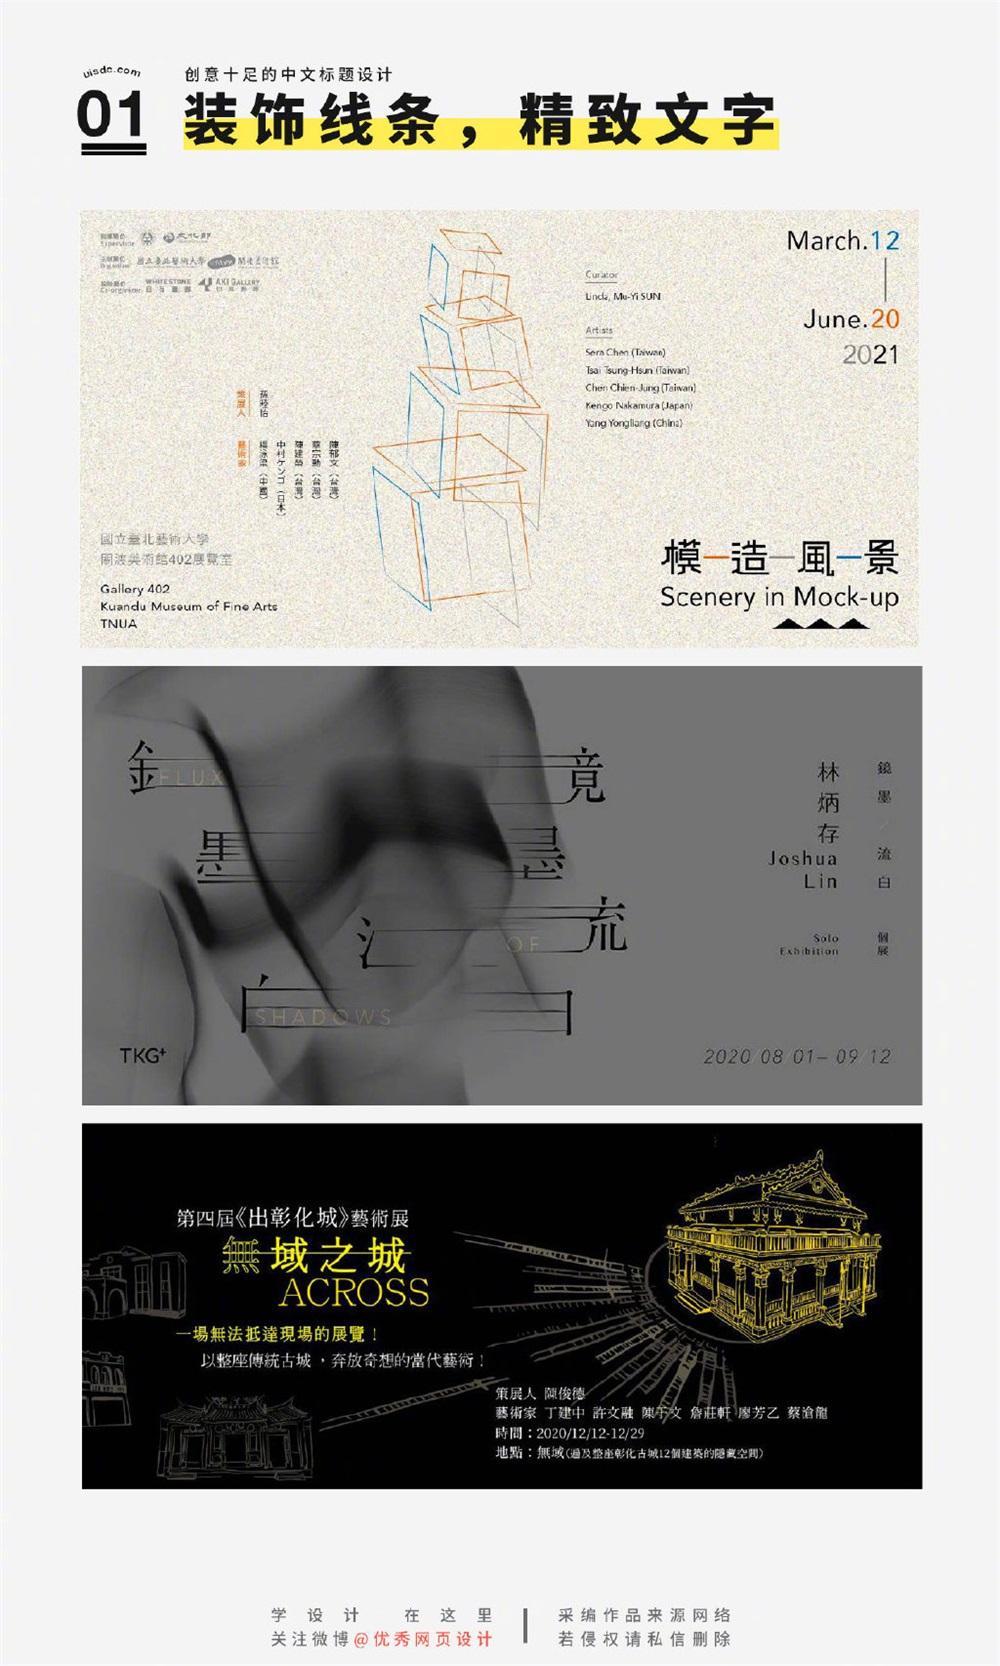 设计中常见的中文文字处理技巧